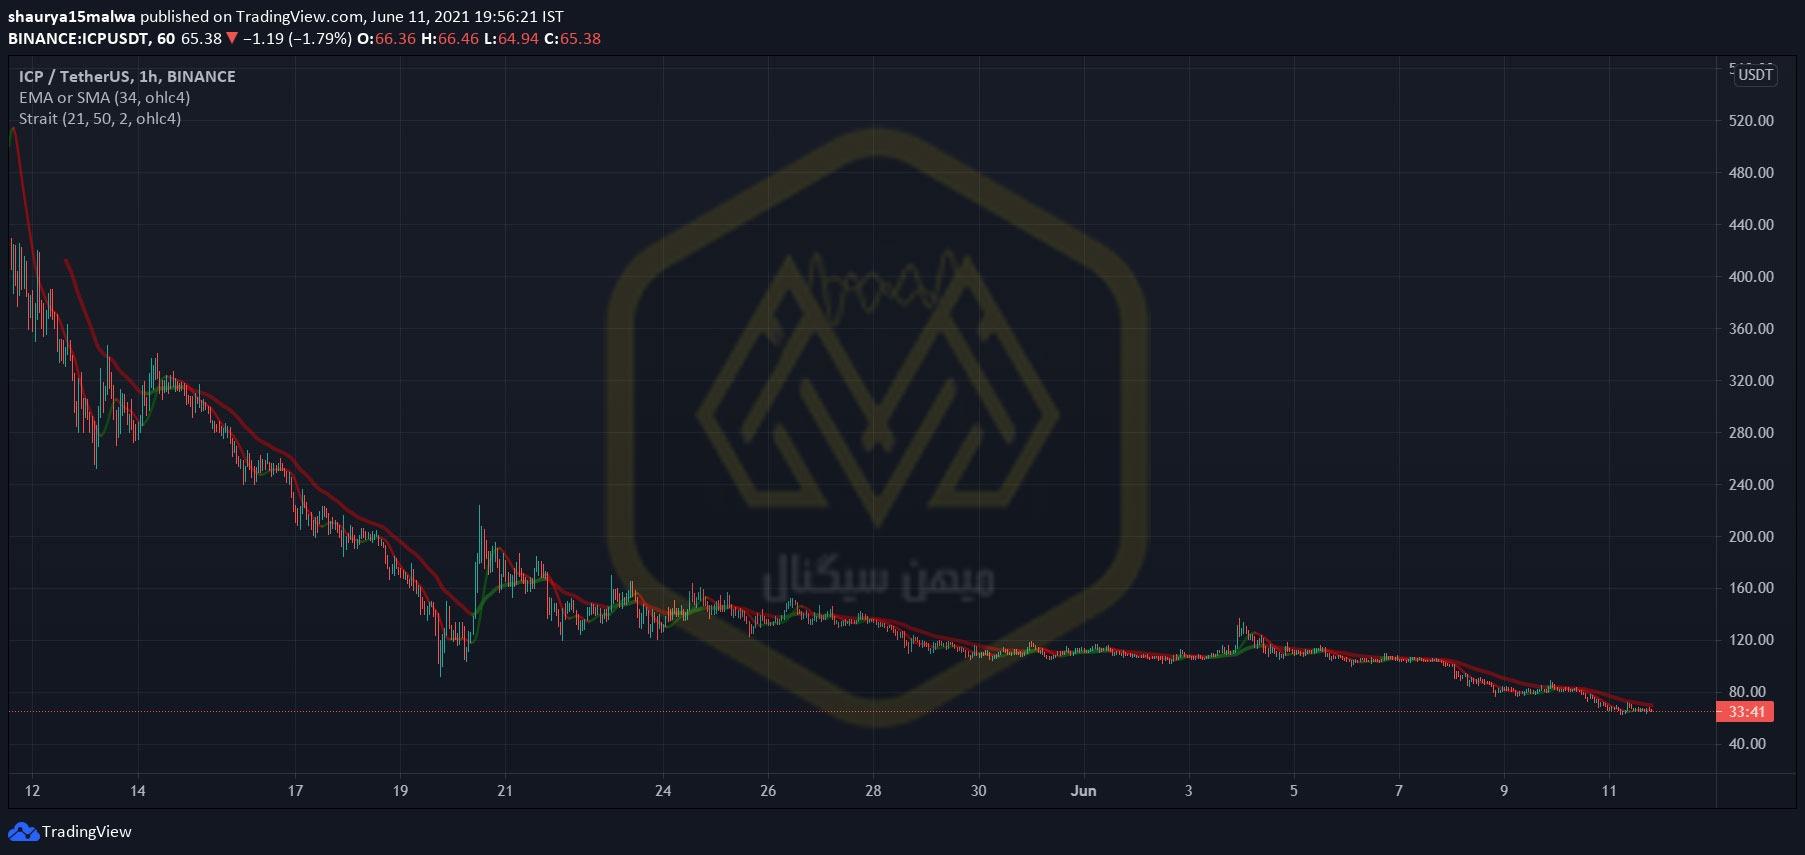 نمودار یک ساعته قیمت ICP/USDT